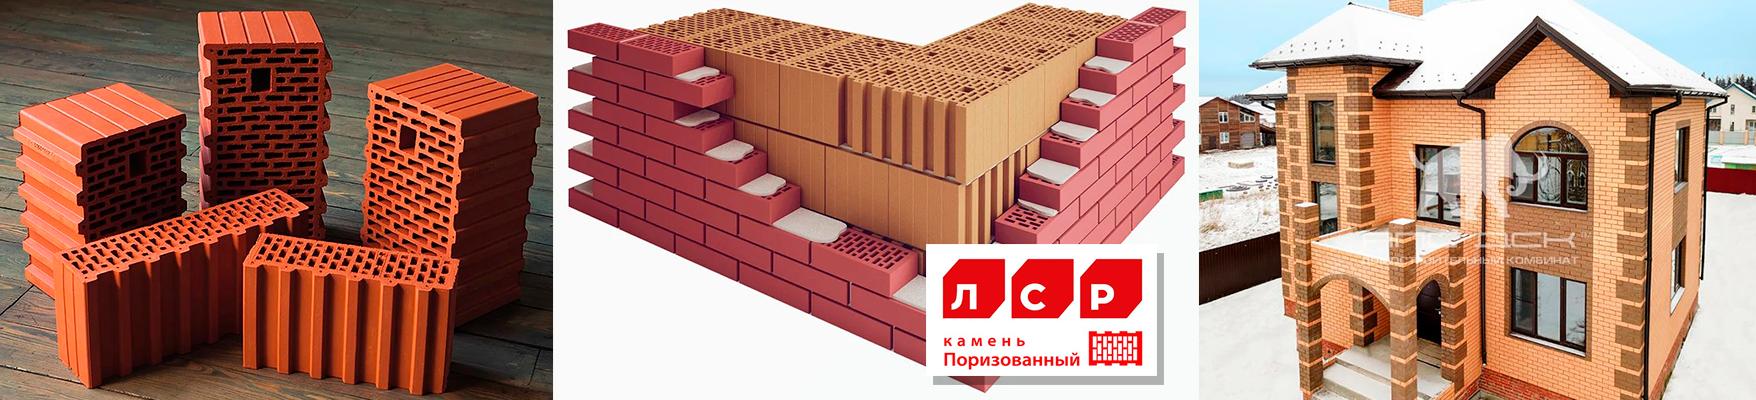 Виды керамических блоков ЛСР в Санкт-Петербурге, готовый дом из ЛСР